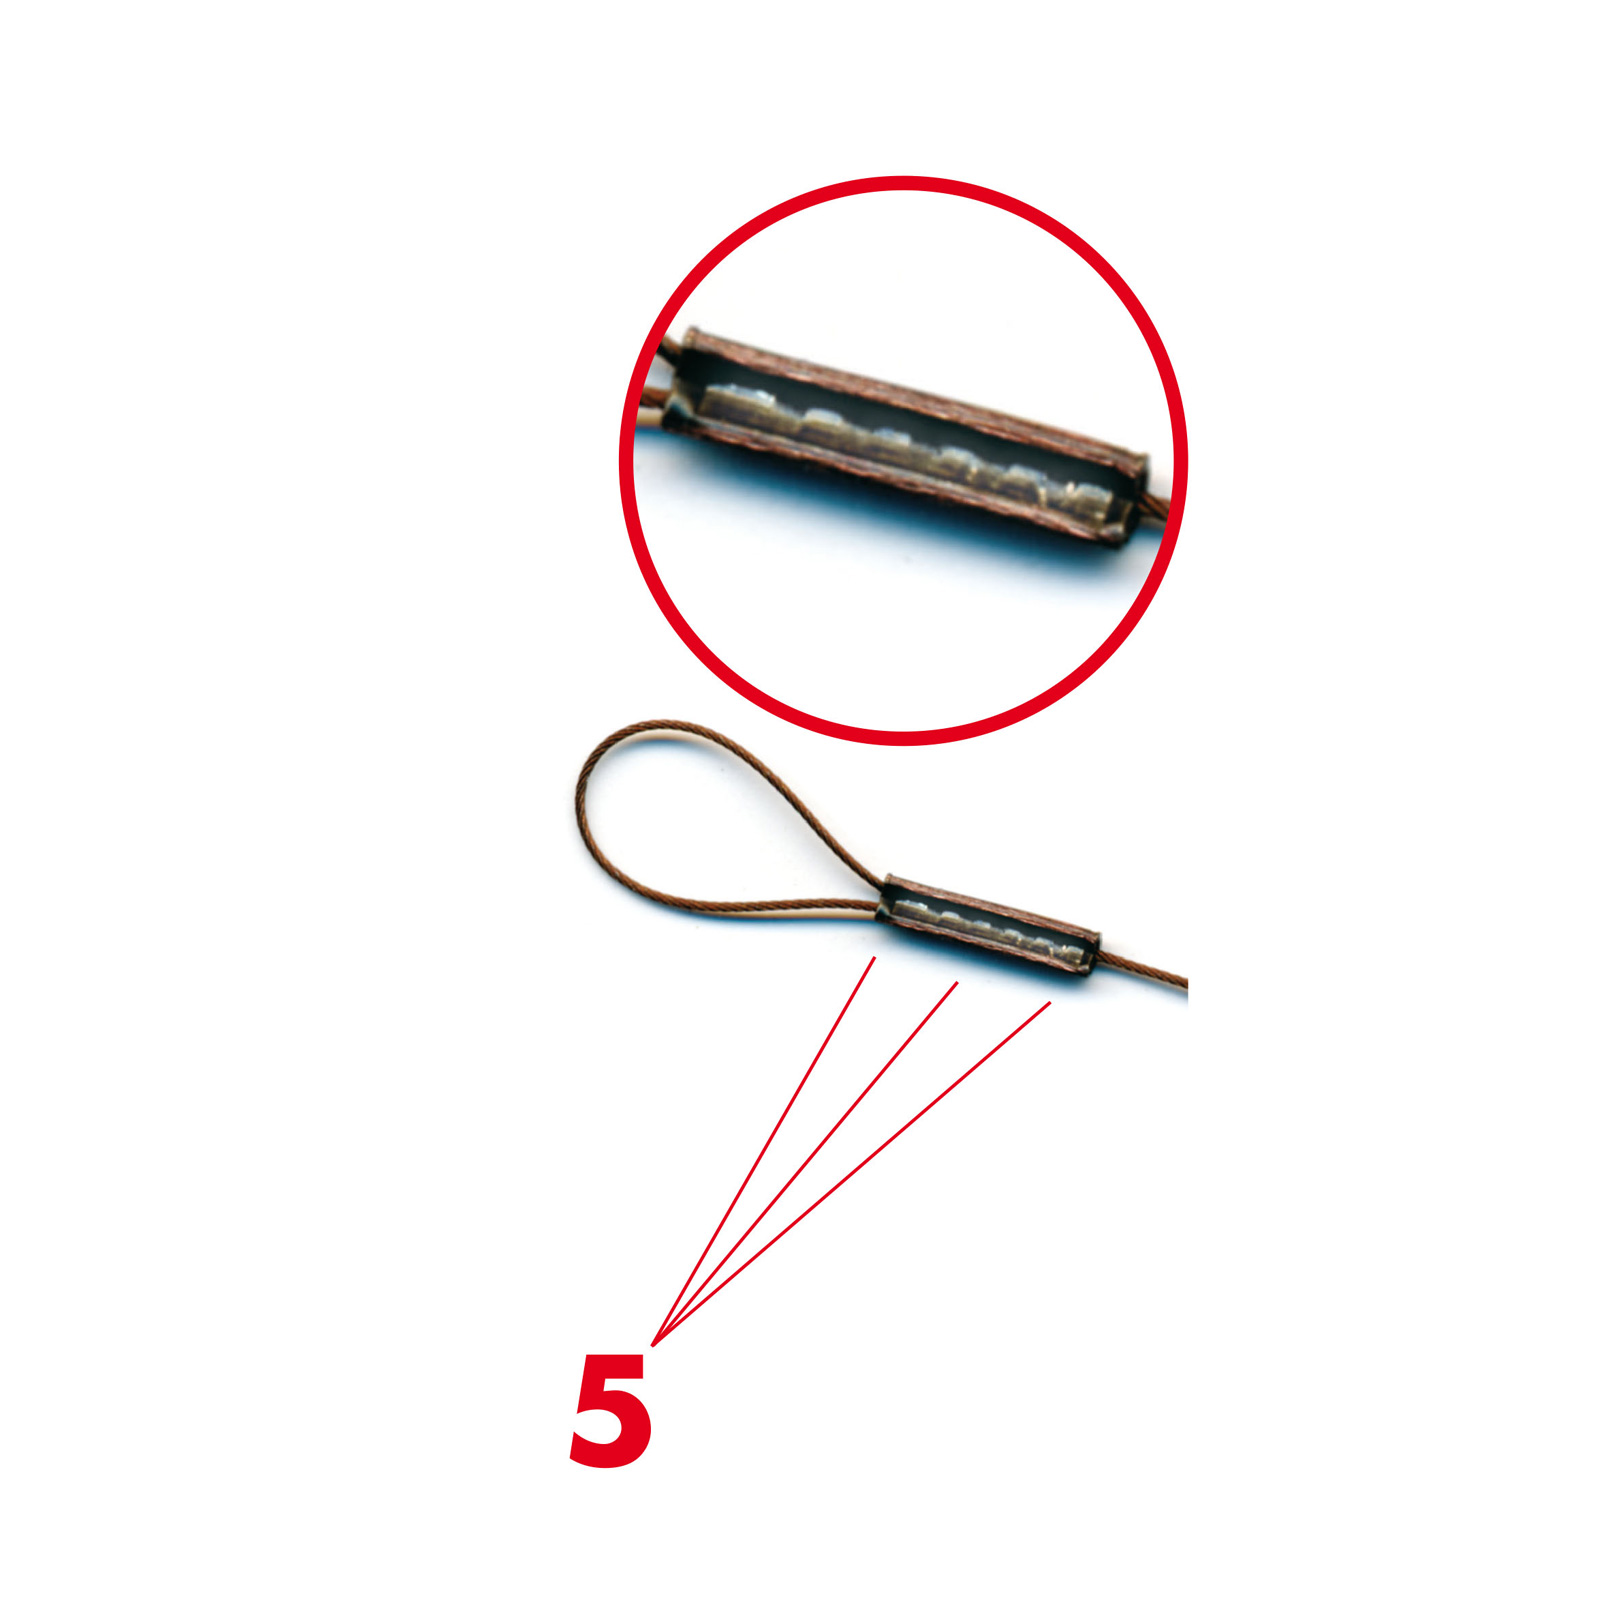 Klemmhülsenzange für Stahlvorfach flexonit Quetschhülsenzange professional